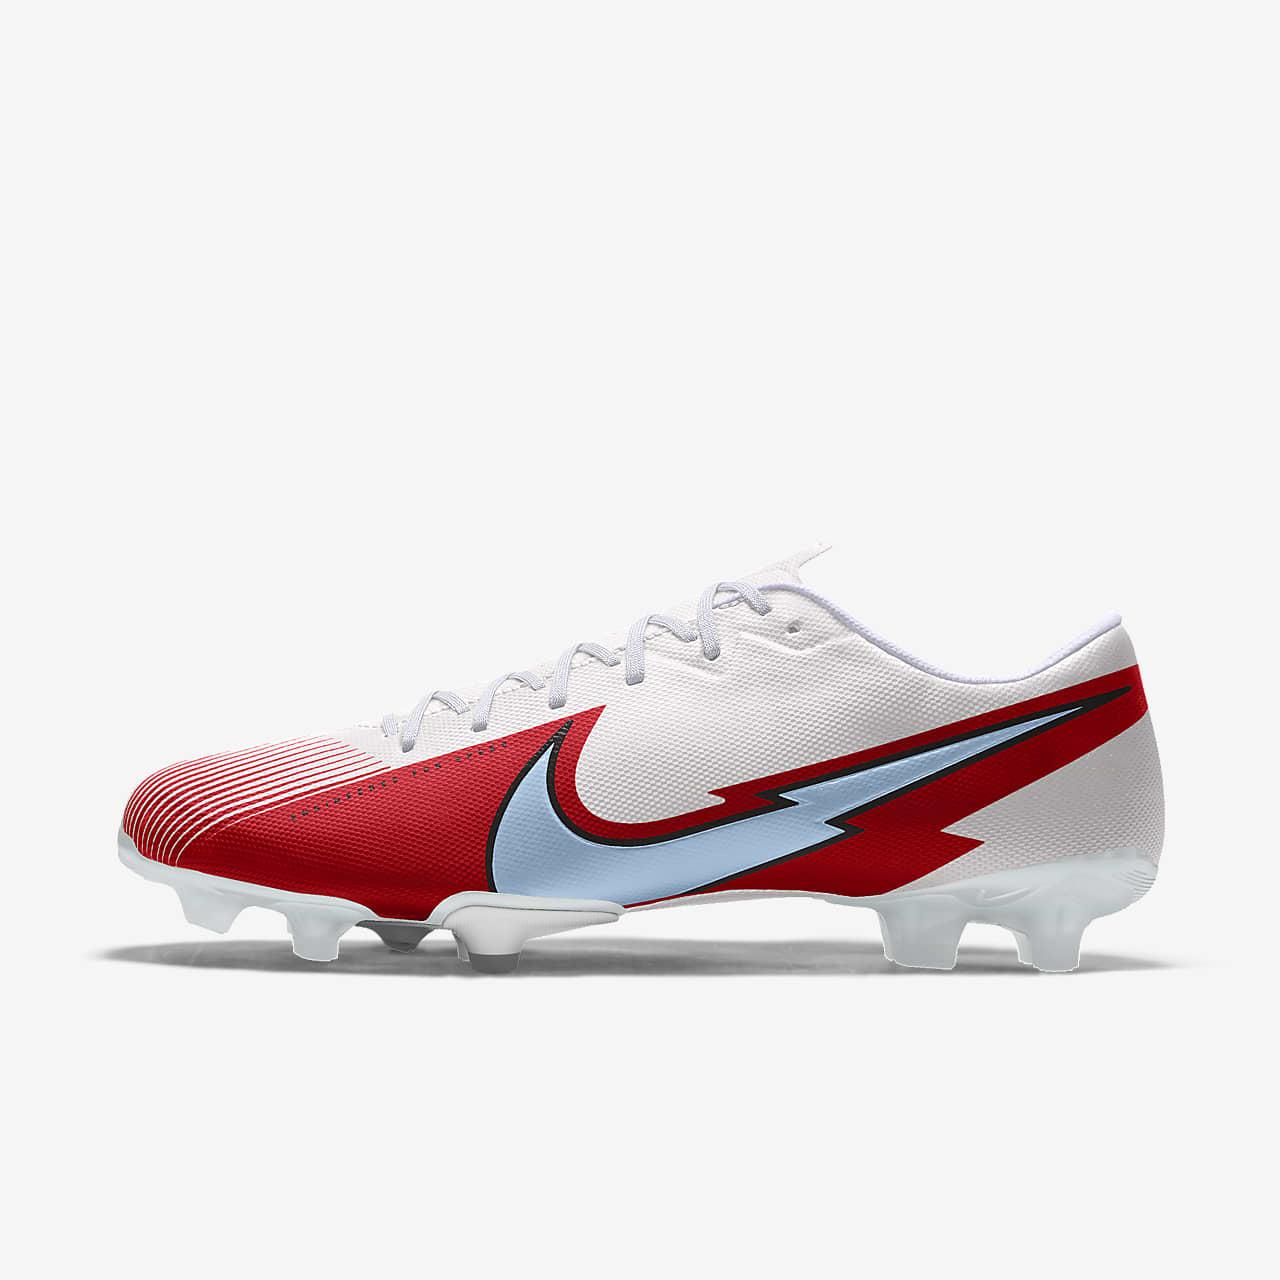 Scarpa da calcio per terreni duri personalizzabile Nike Mercurial Vapor 13 Academy By You